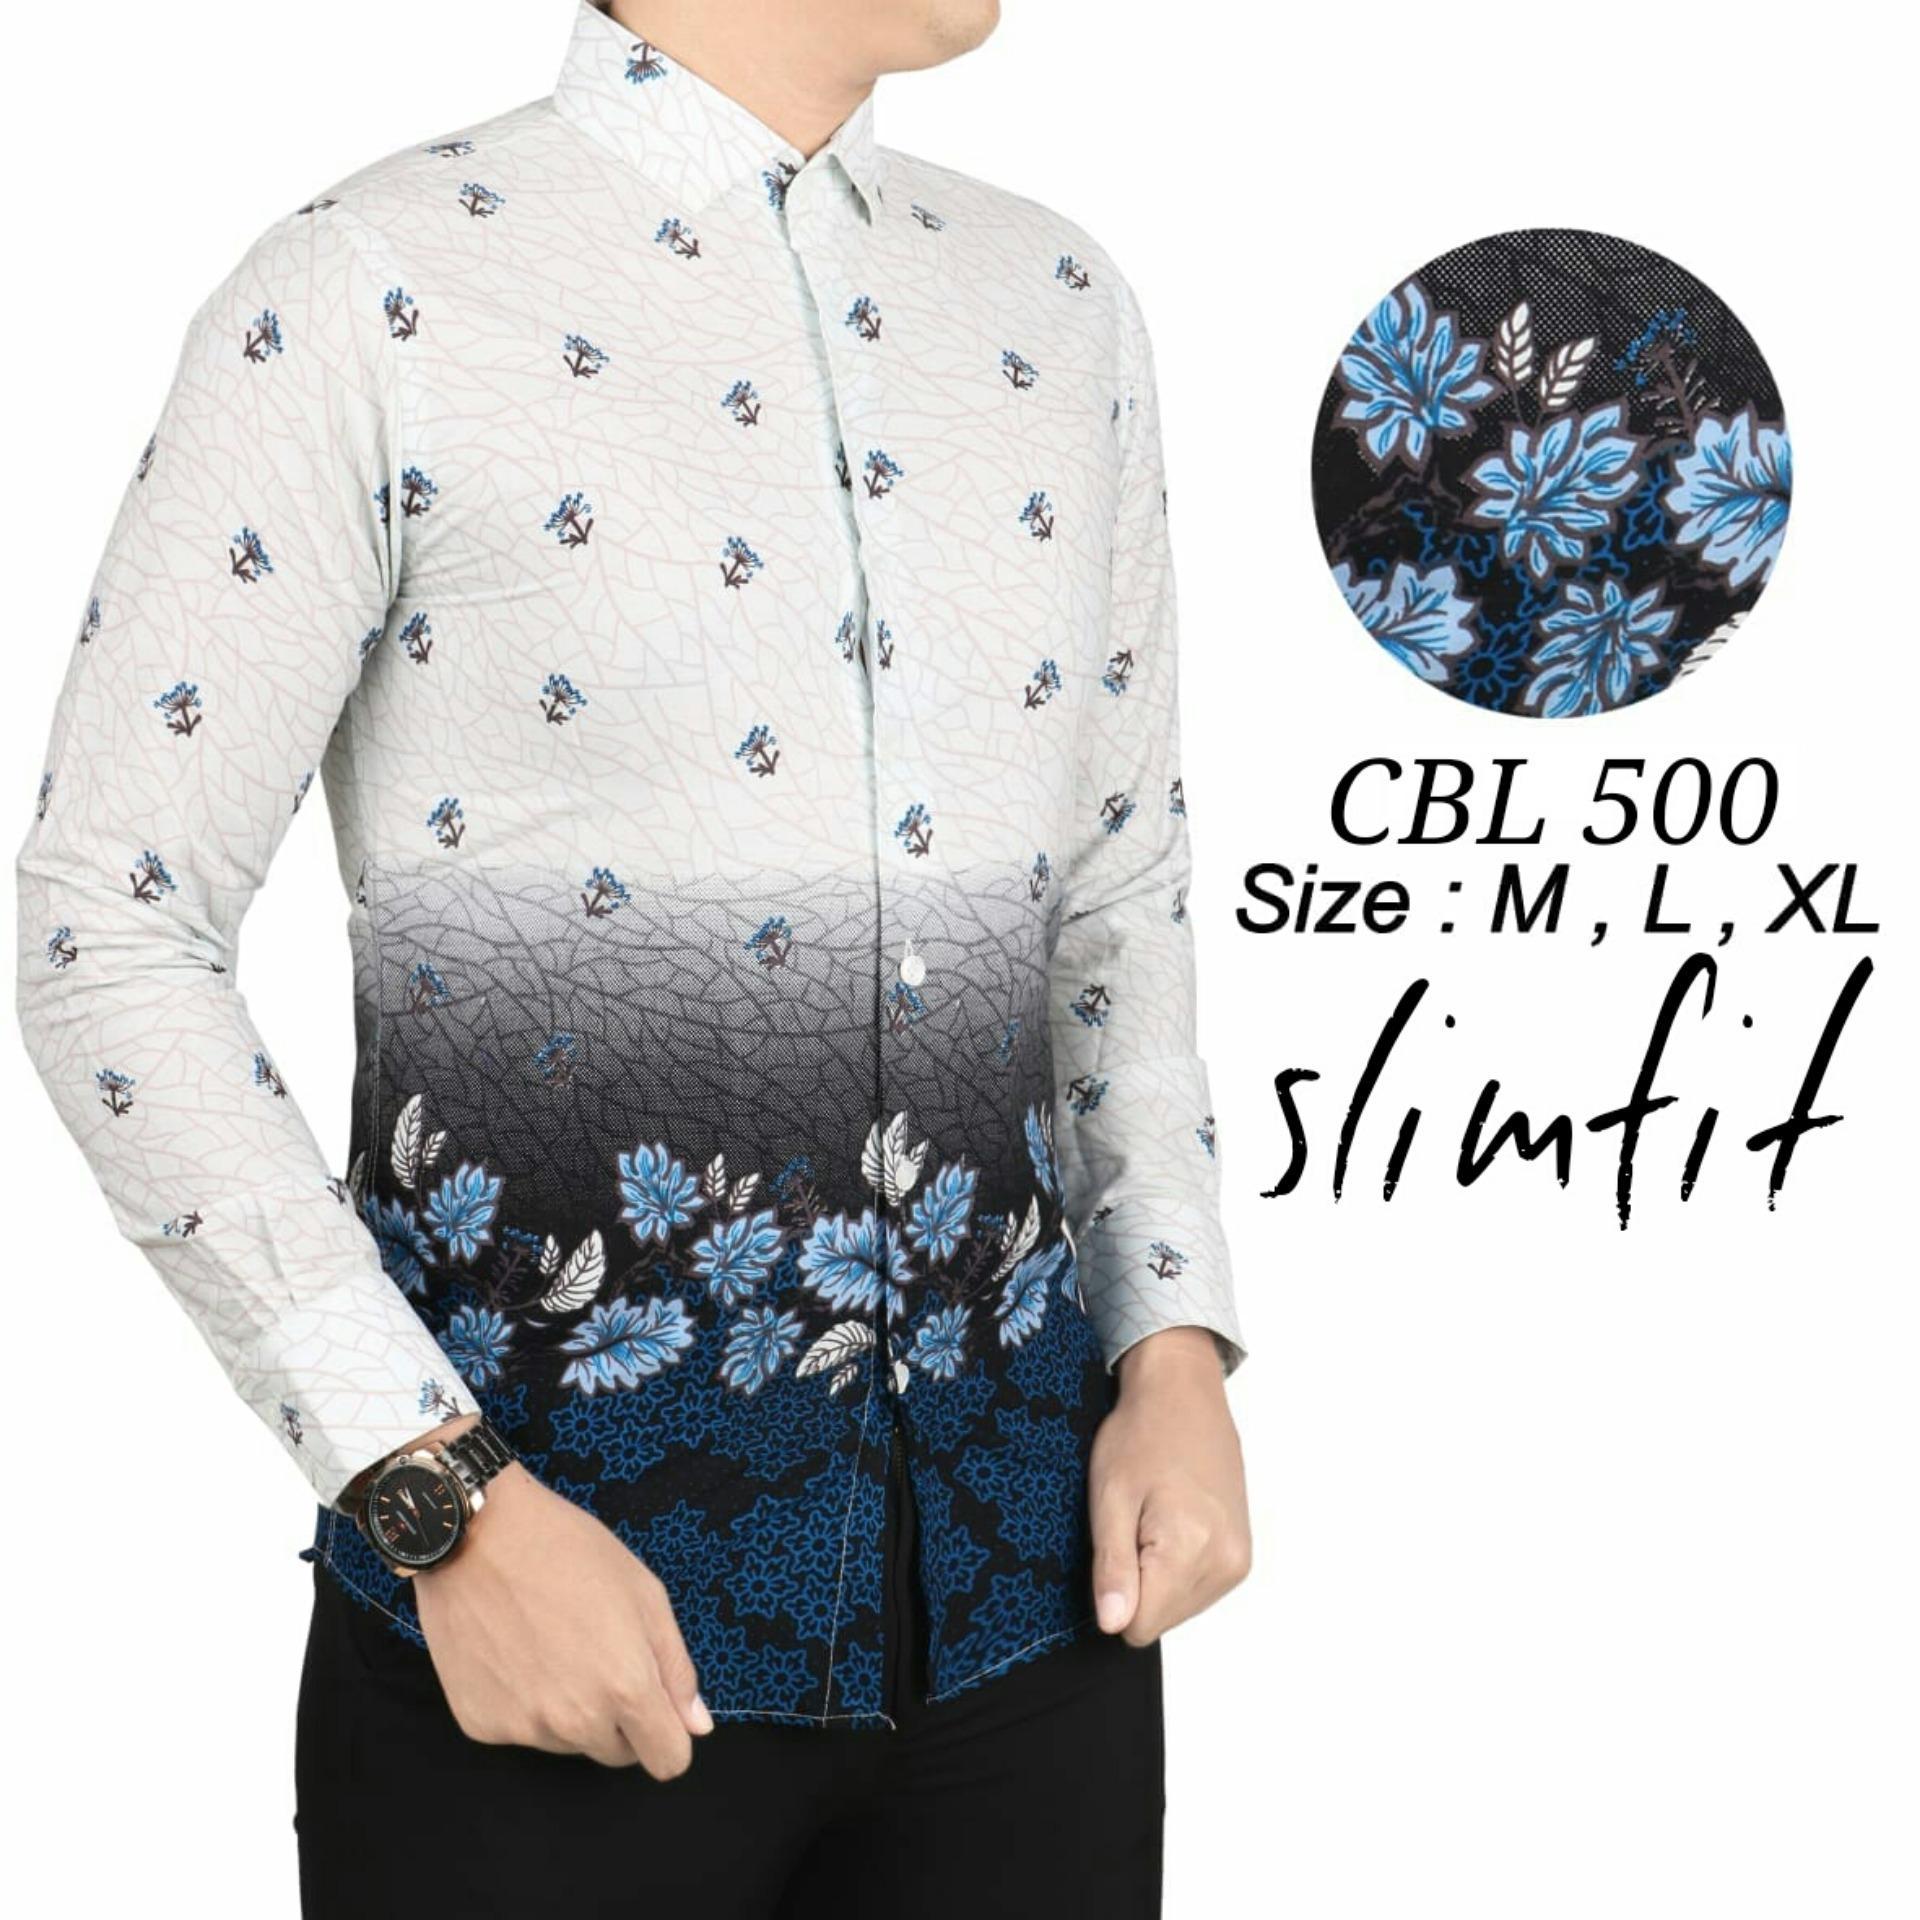 Harga Murah Page 3121 Of 5009 Informasi Berbagai Macam Produk Jayashree Batik Nafira Slimfit Short Sleeve Pria Hitam Xxl Baju Kemeja Slim Fit Lengan Panjang Lb253